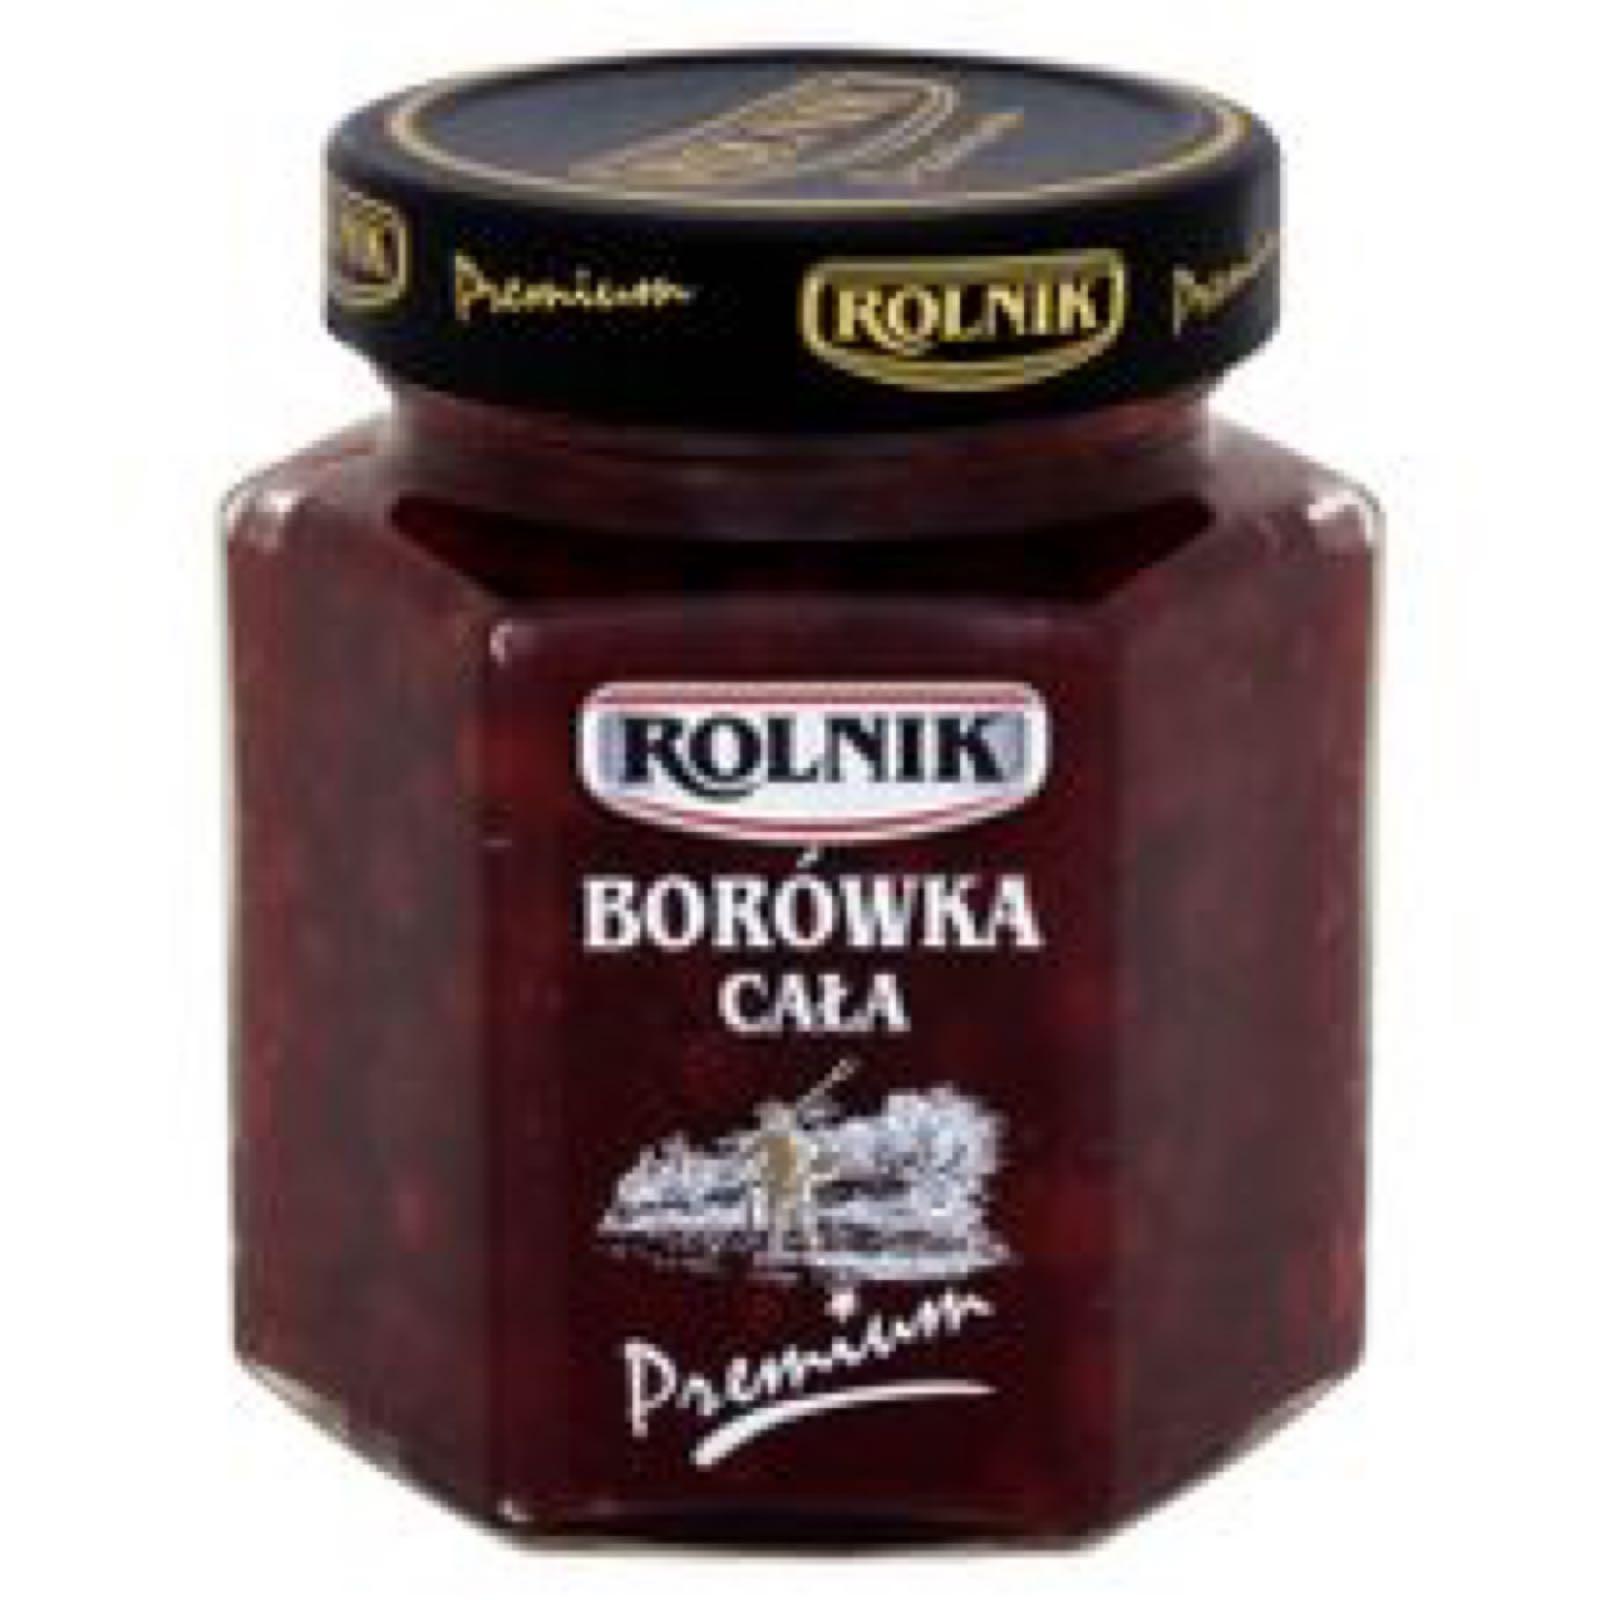 Kokonaisia puolukoita - Borowka cala Rolnik 300g